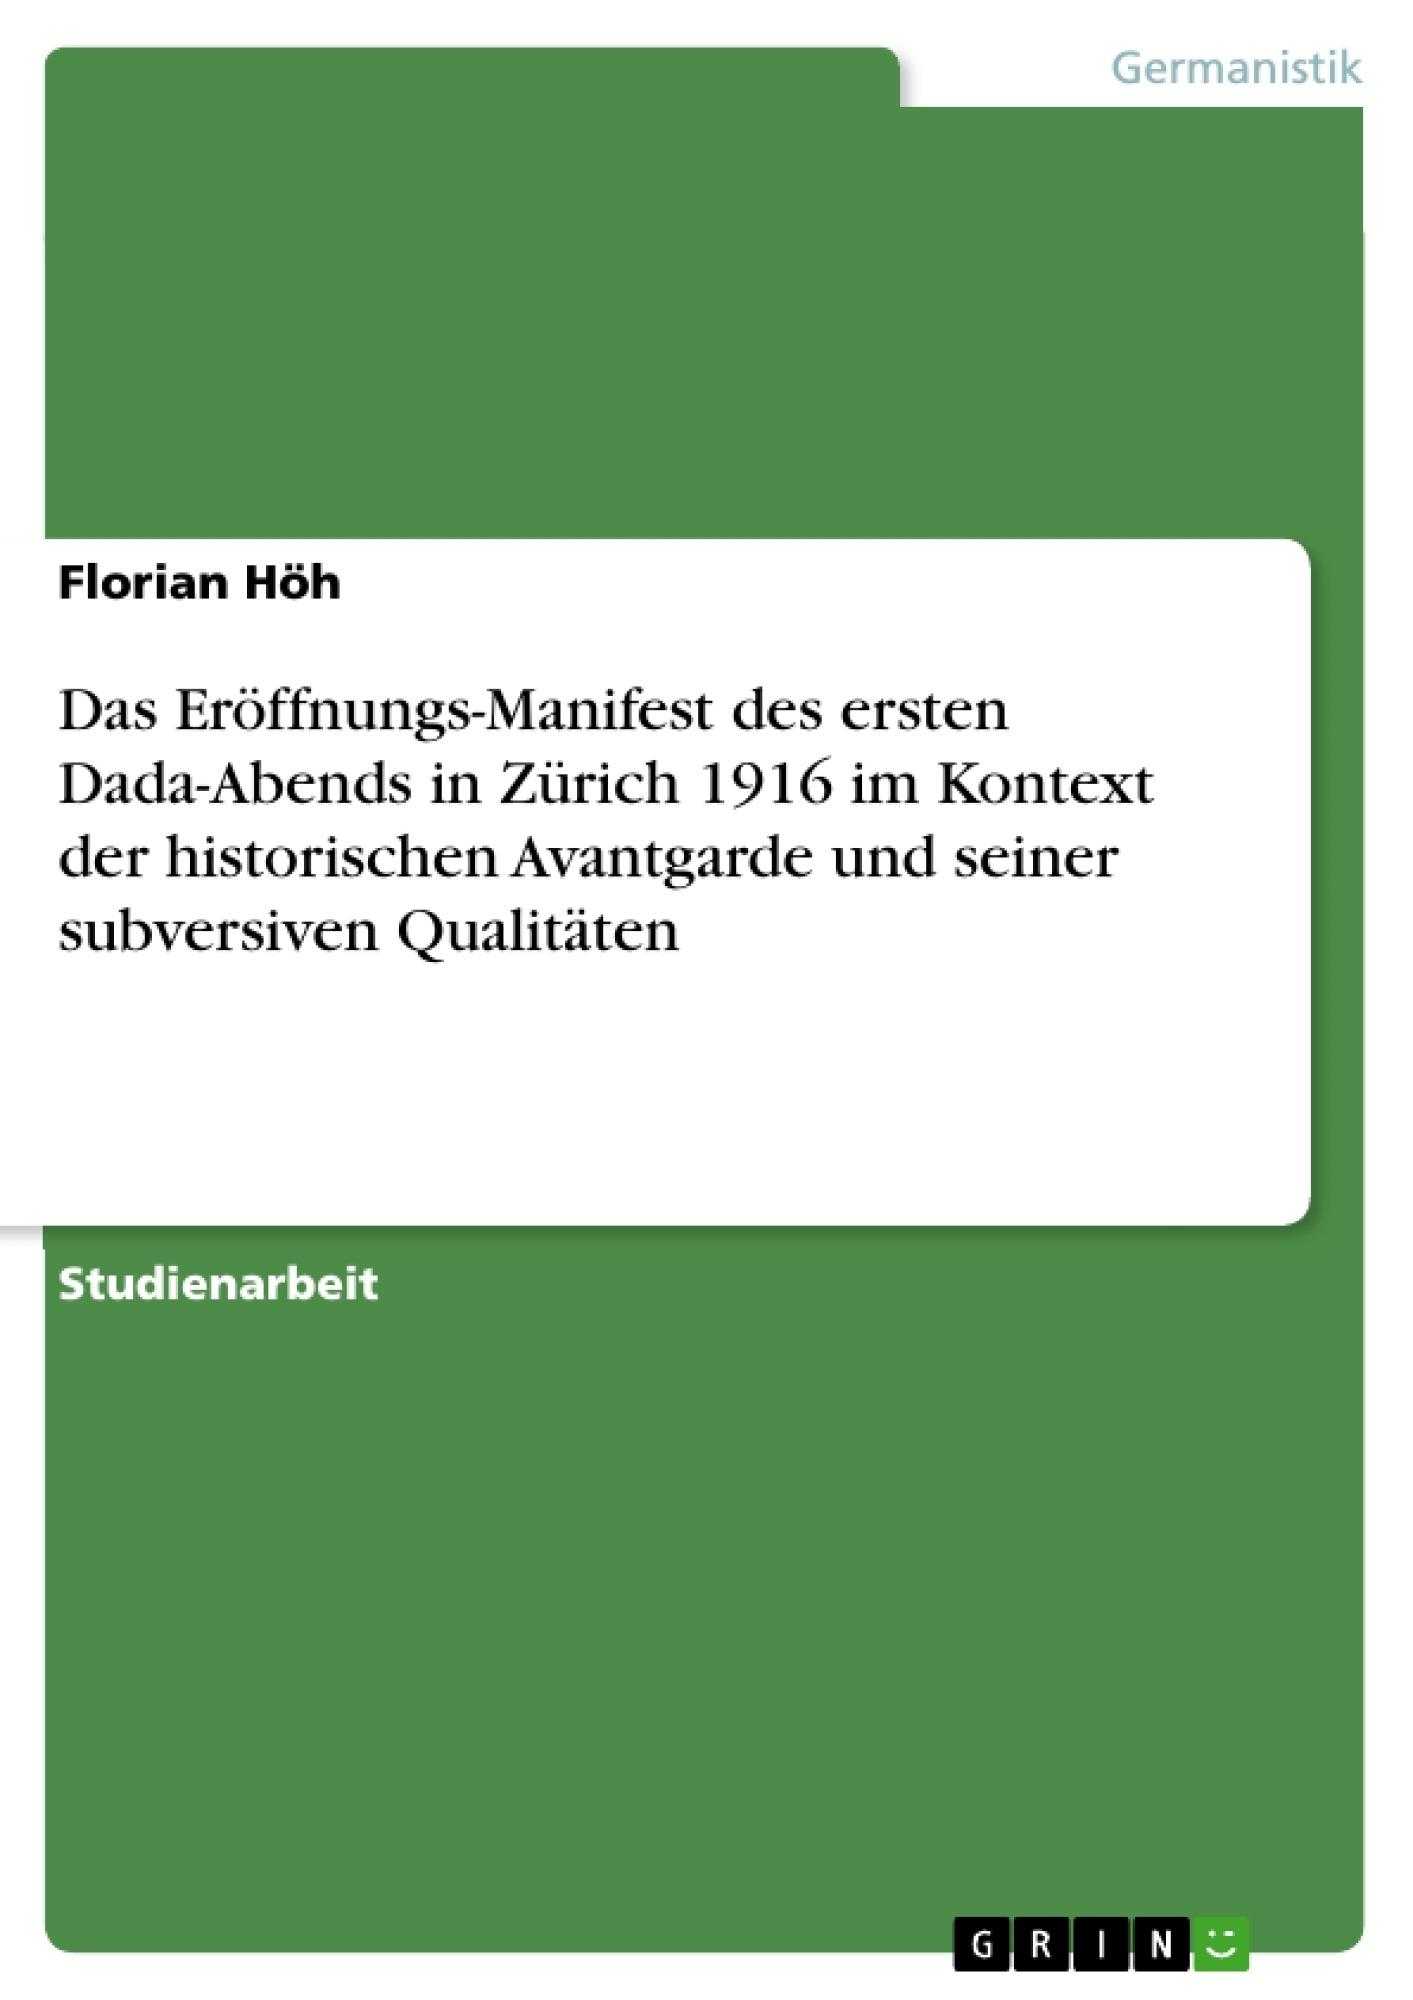 Titel: Das Eröffnungs-Manifest des ersten Dada-Abends in Zürich 1916 im Kontext der historischen Avantgarde und seiner subversiven Qualitäten